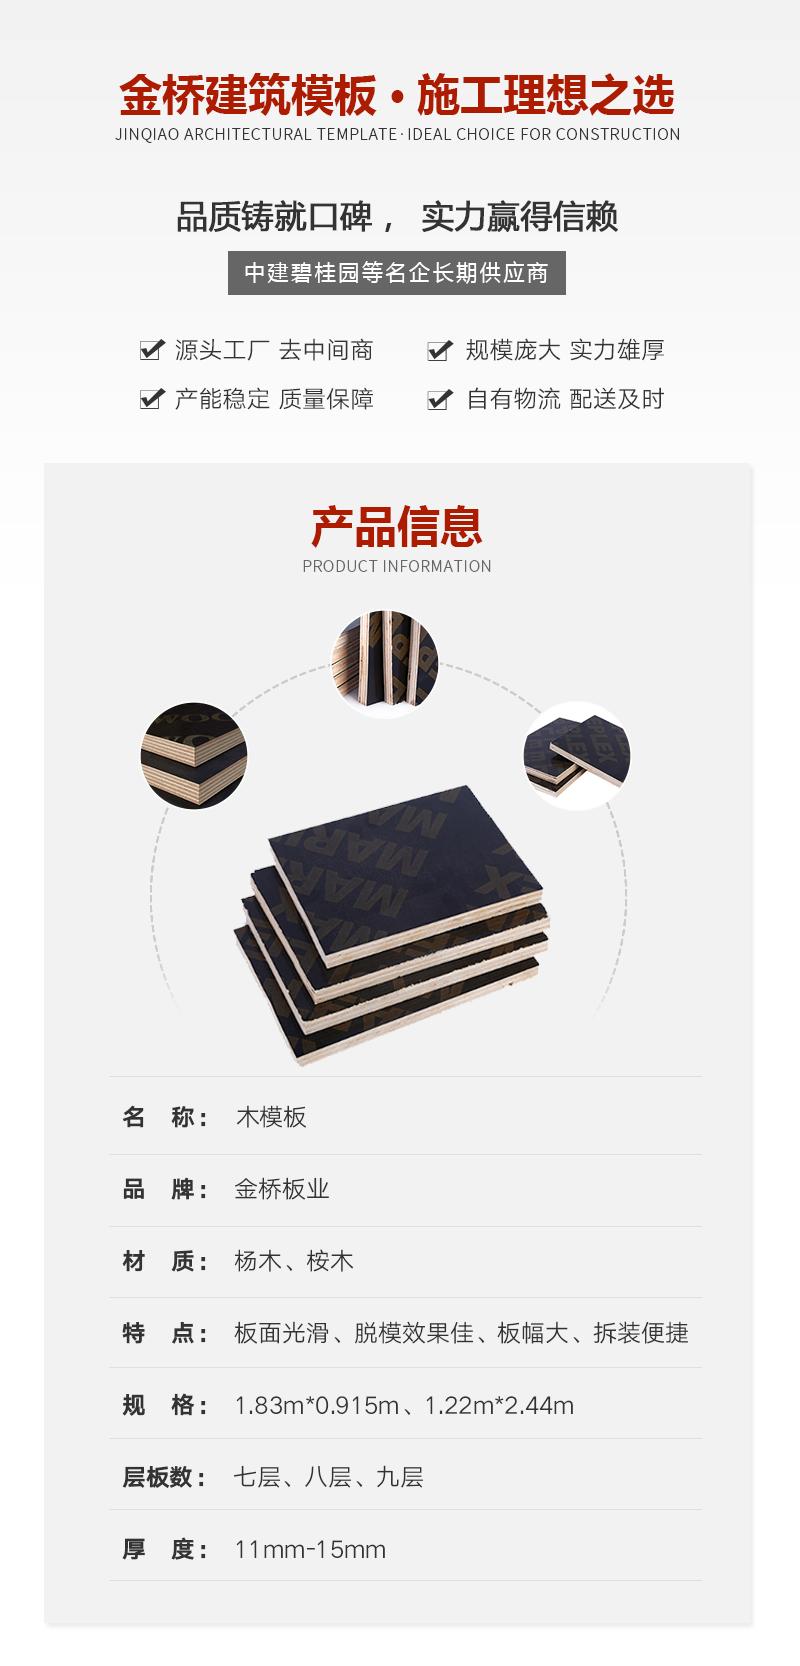 覆膜模板1.83*0.915*1.5金桥板业产品信息介绍